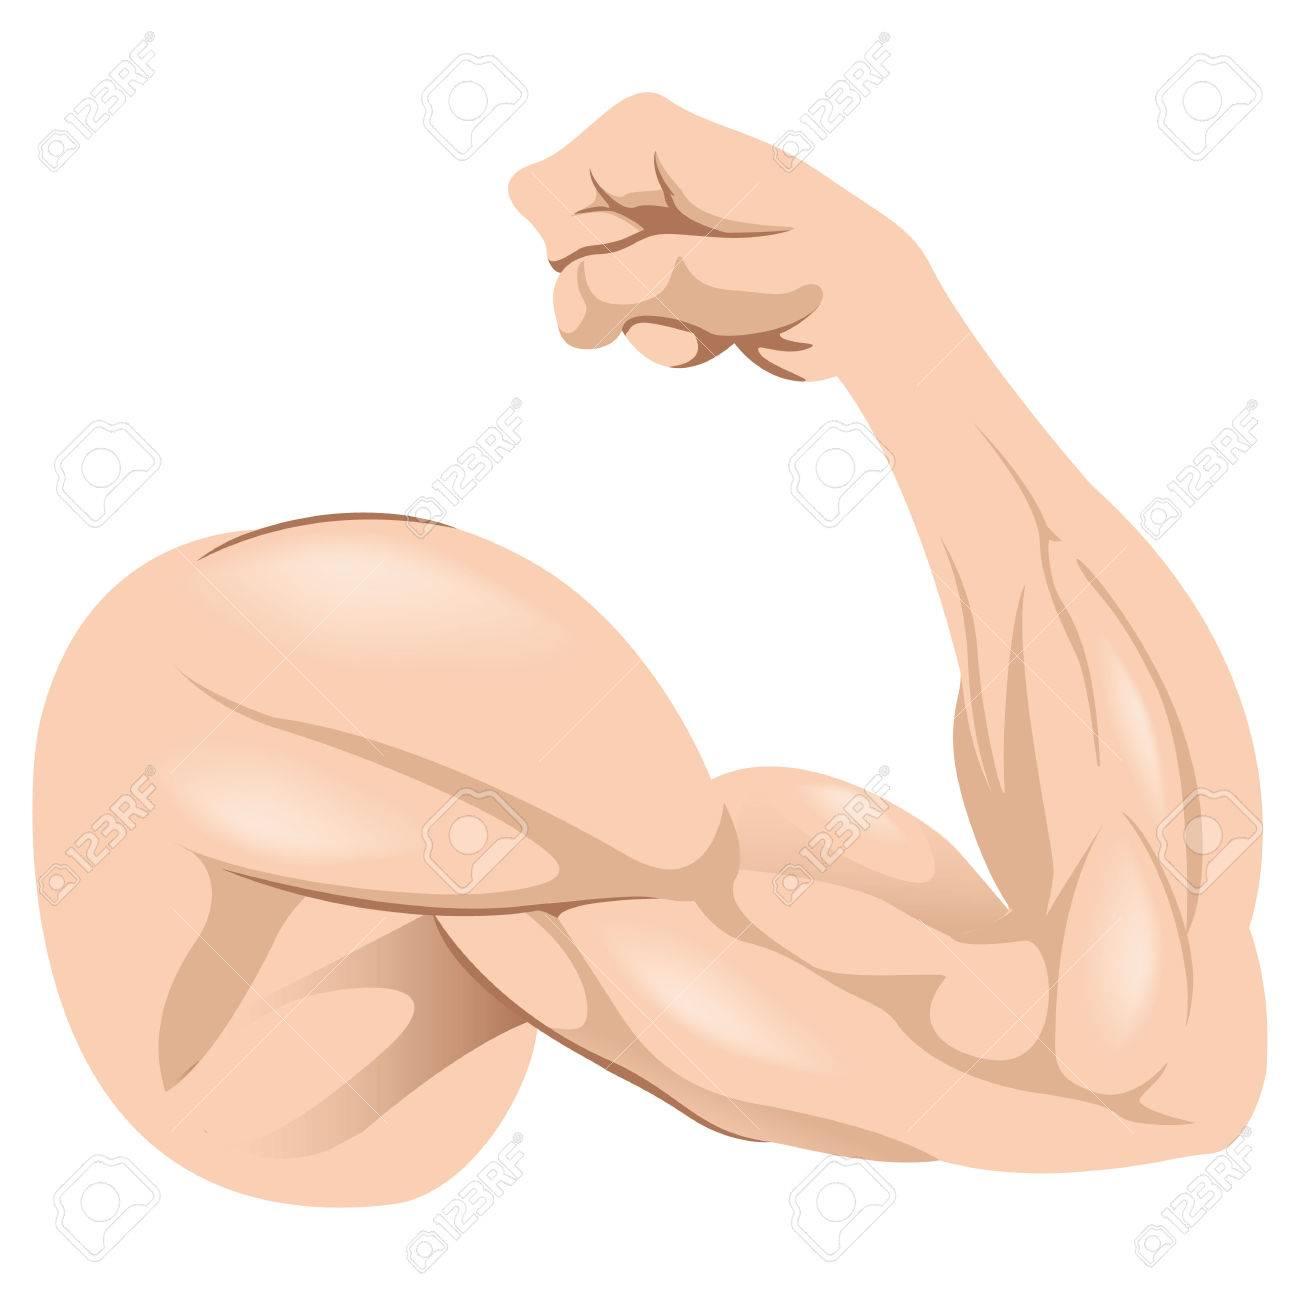 Ilustración que representa Humano Anatomía masculina muscular del brazo. Ideal para materiales institucionales y formación